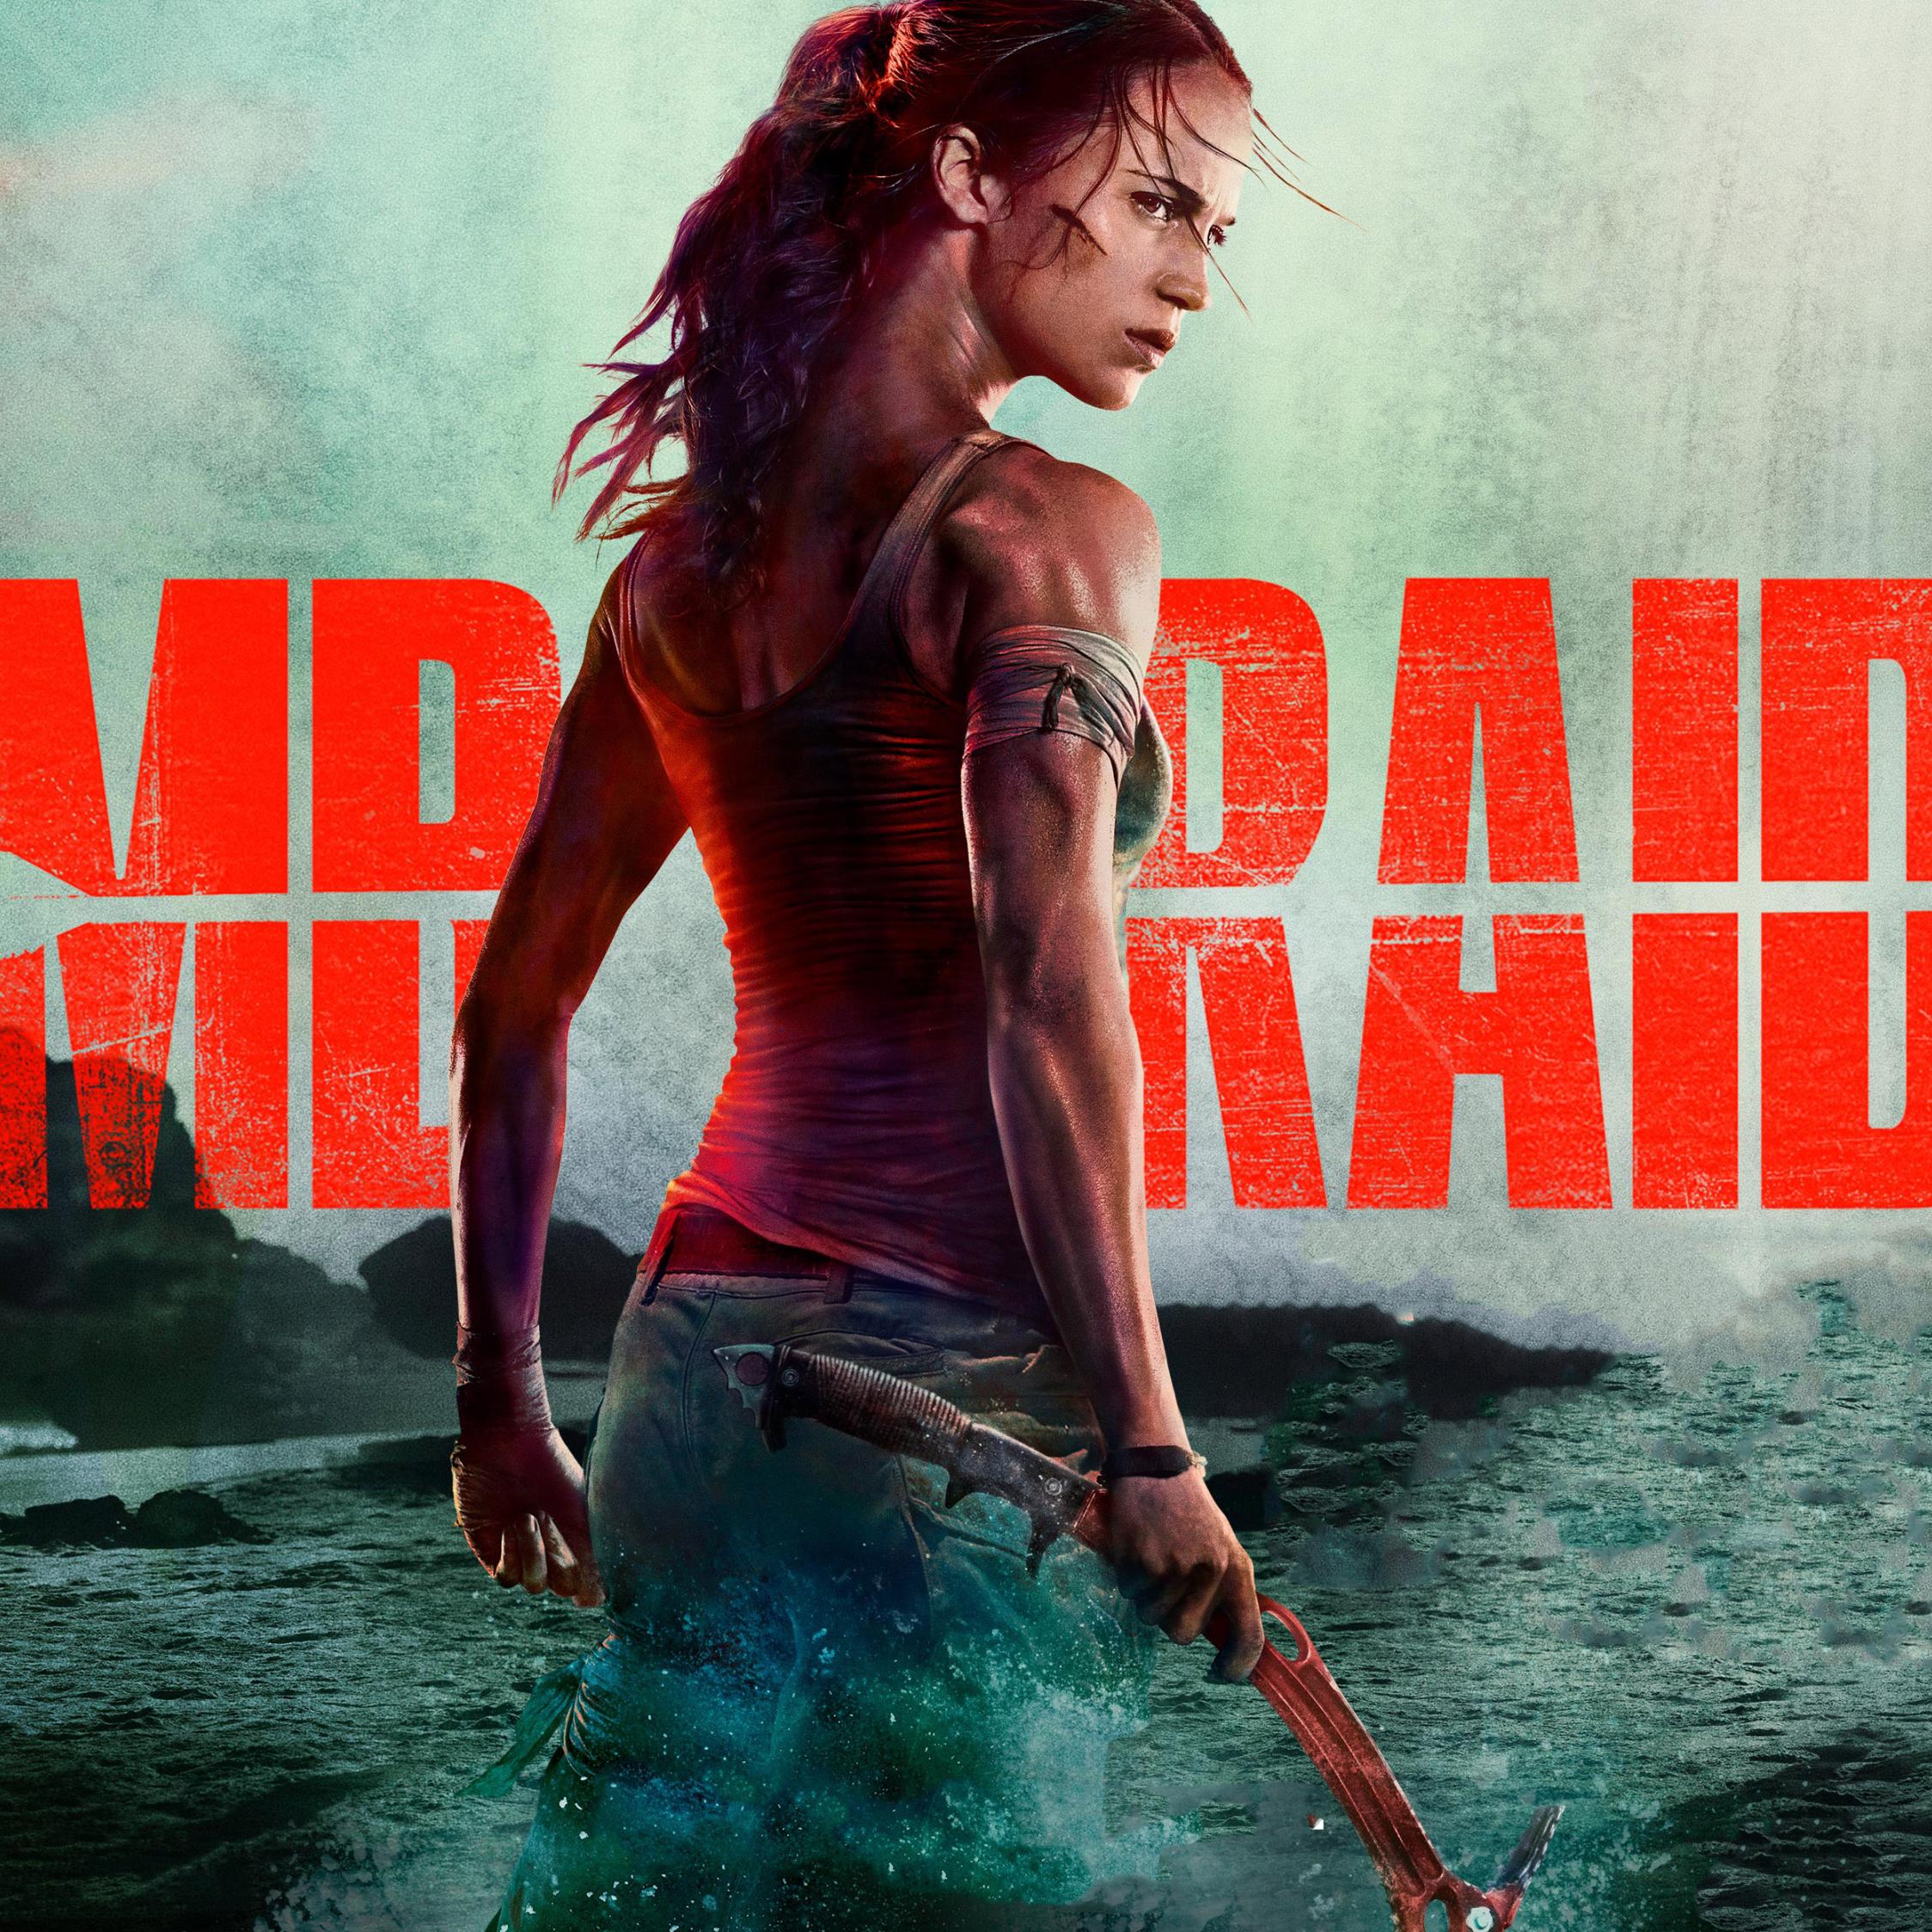 Tomb Raider Hd Wallpapers 1080p: Tomb Raider 2018, HD 4K Wallpaper